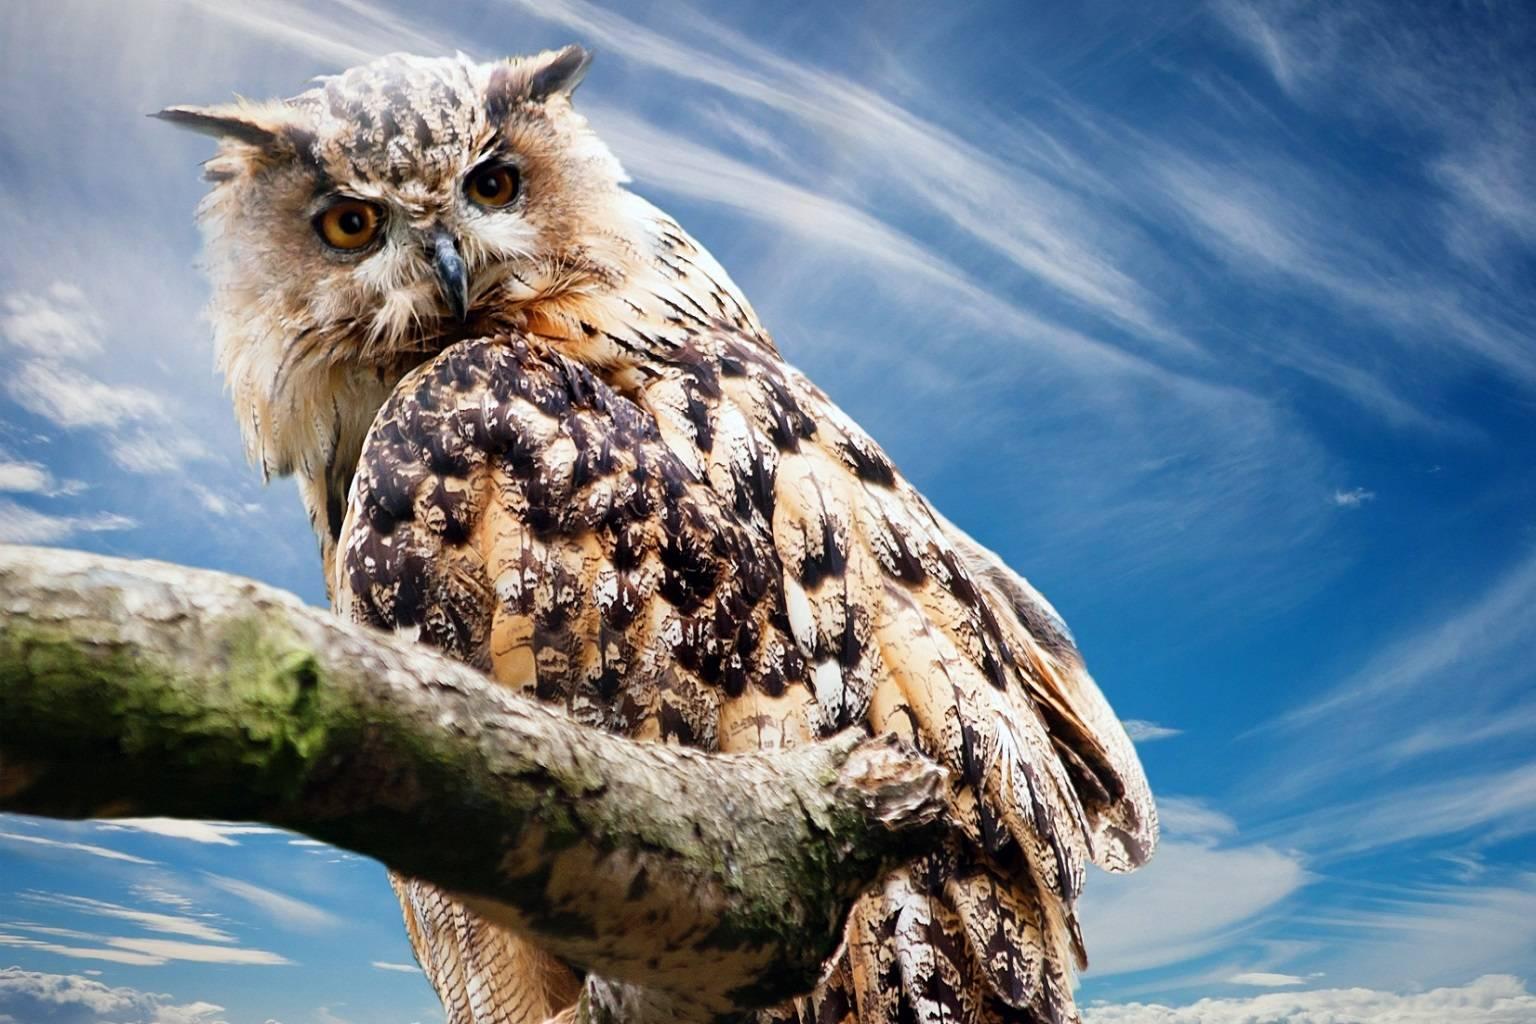 The Owl said